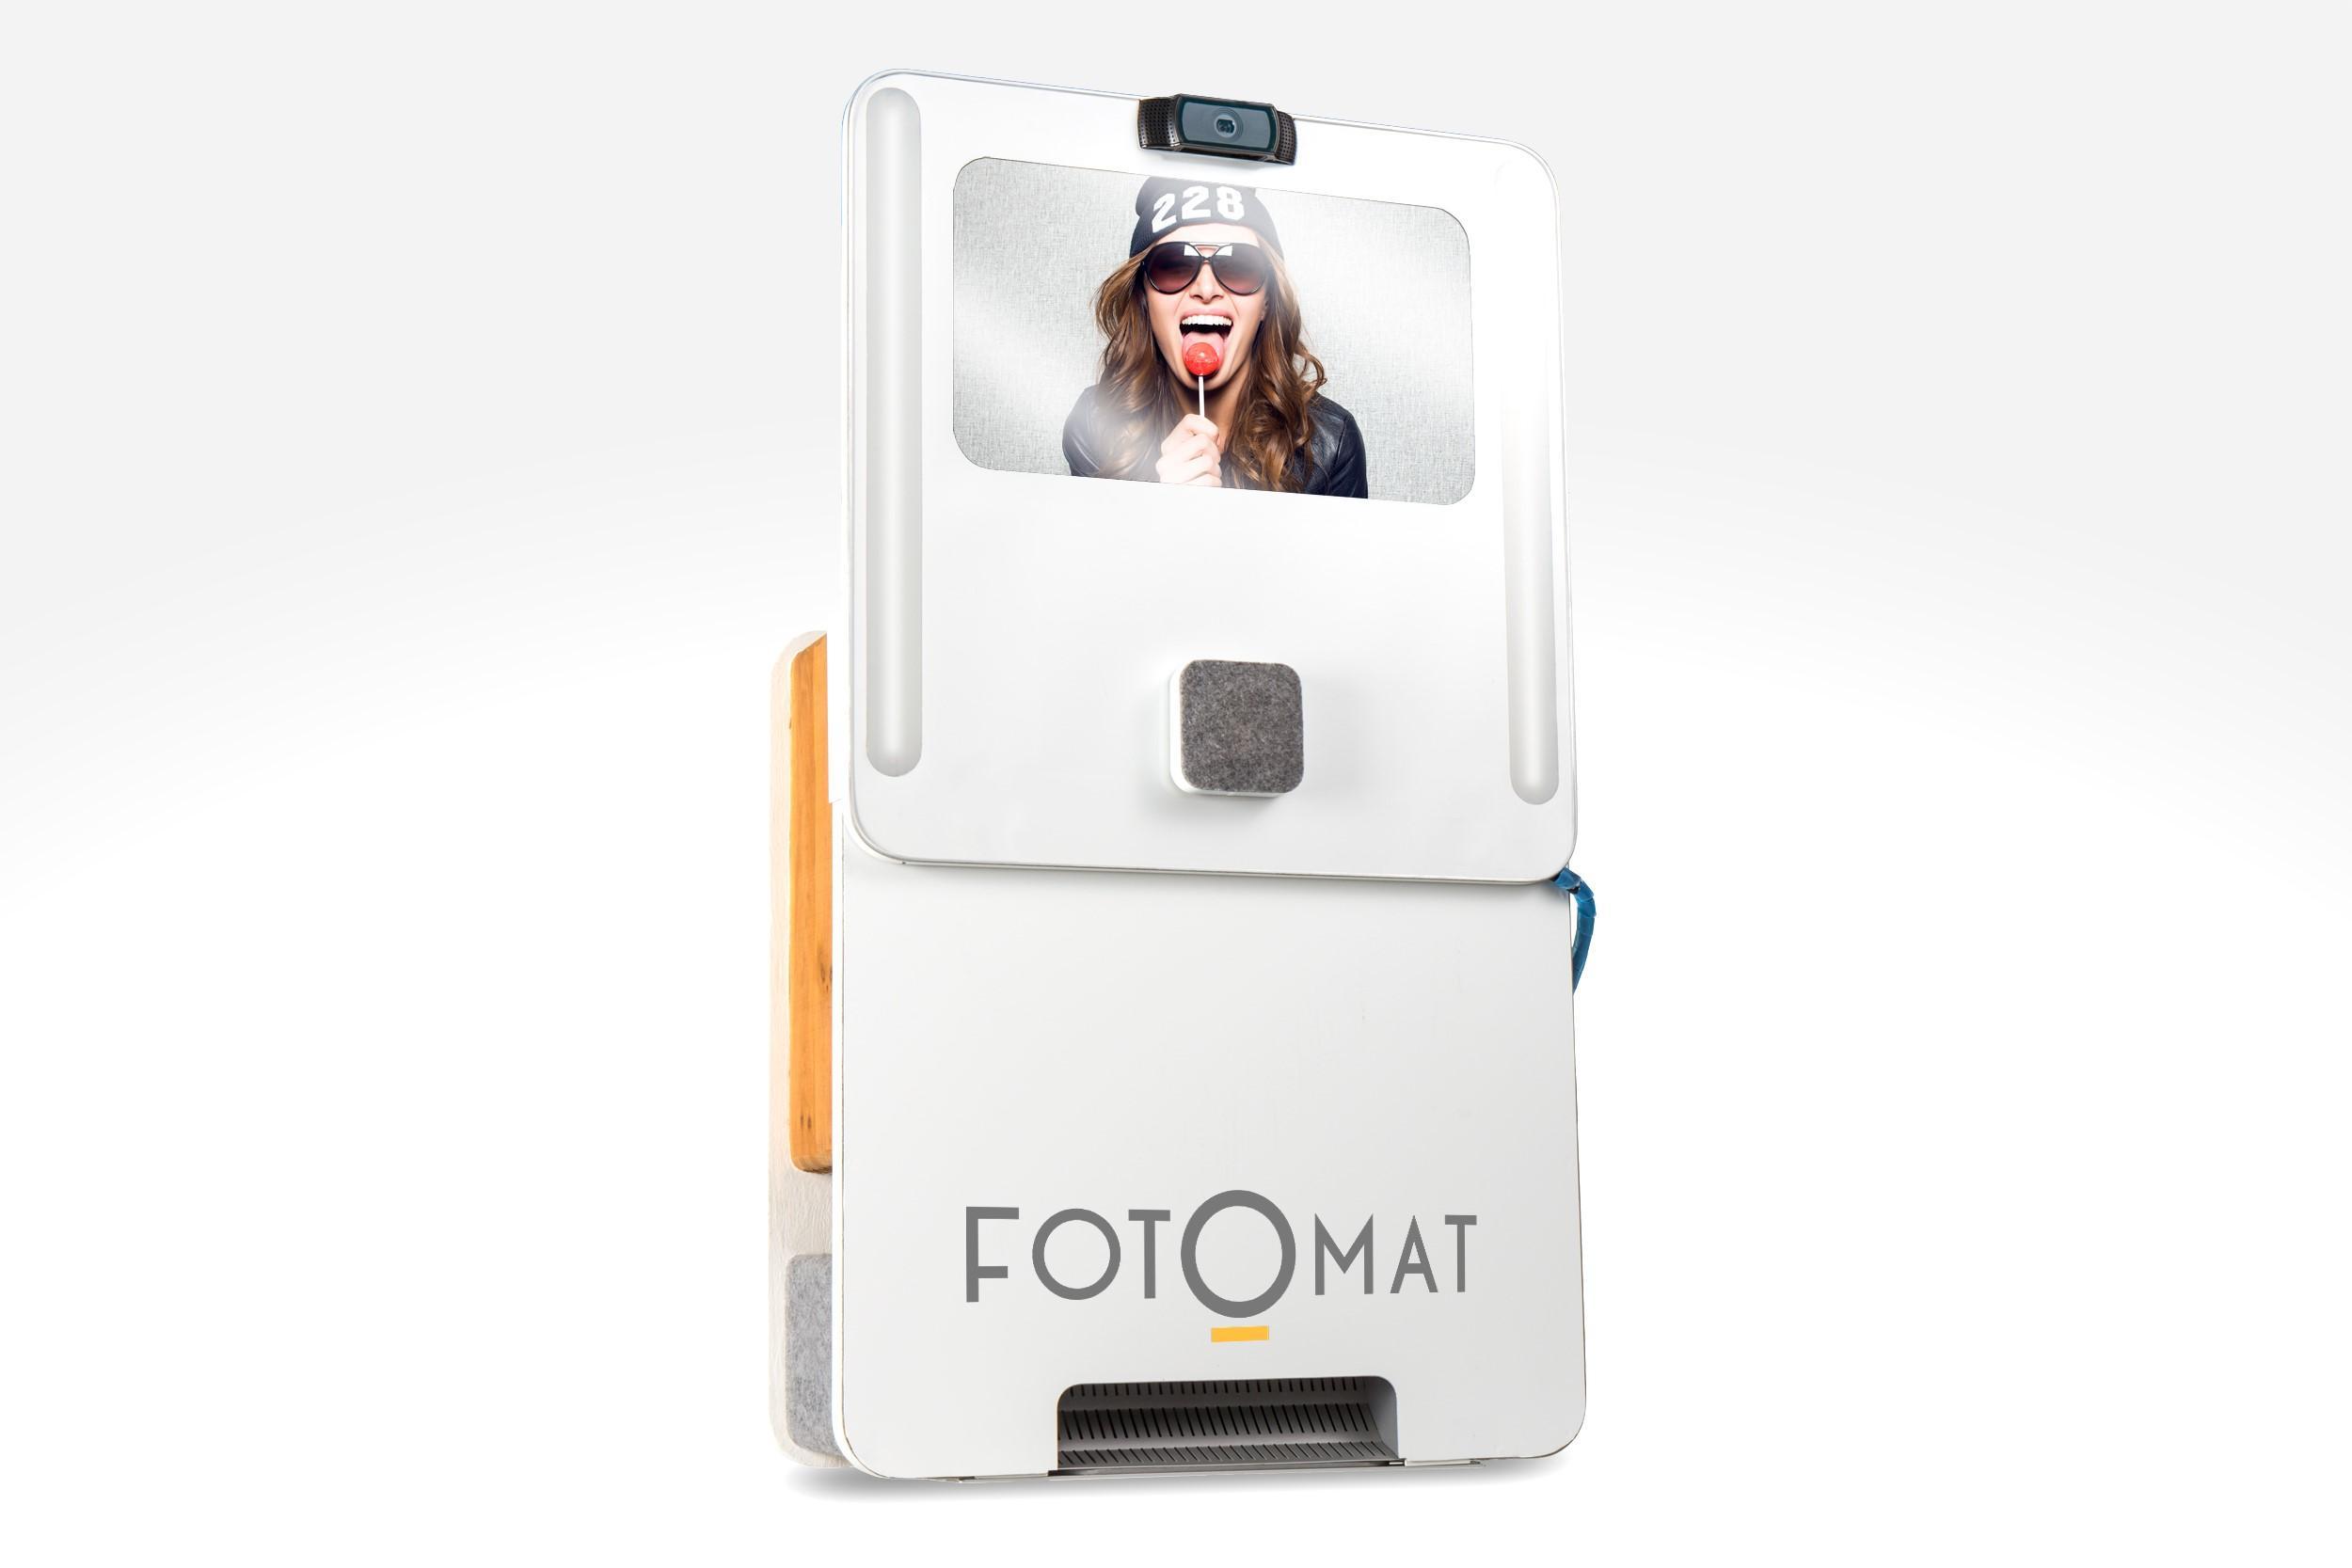 Der MiniFotomat